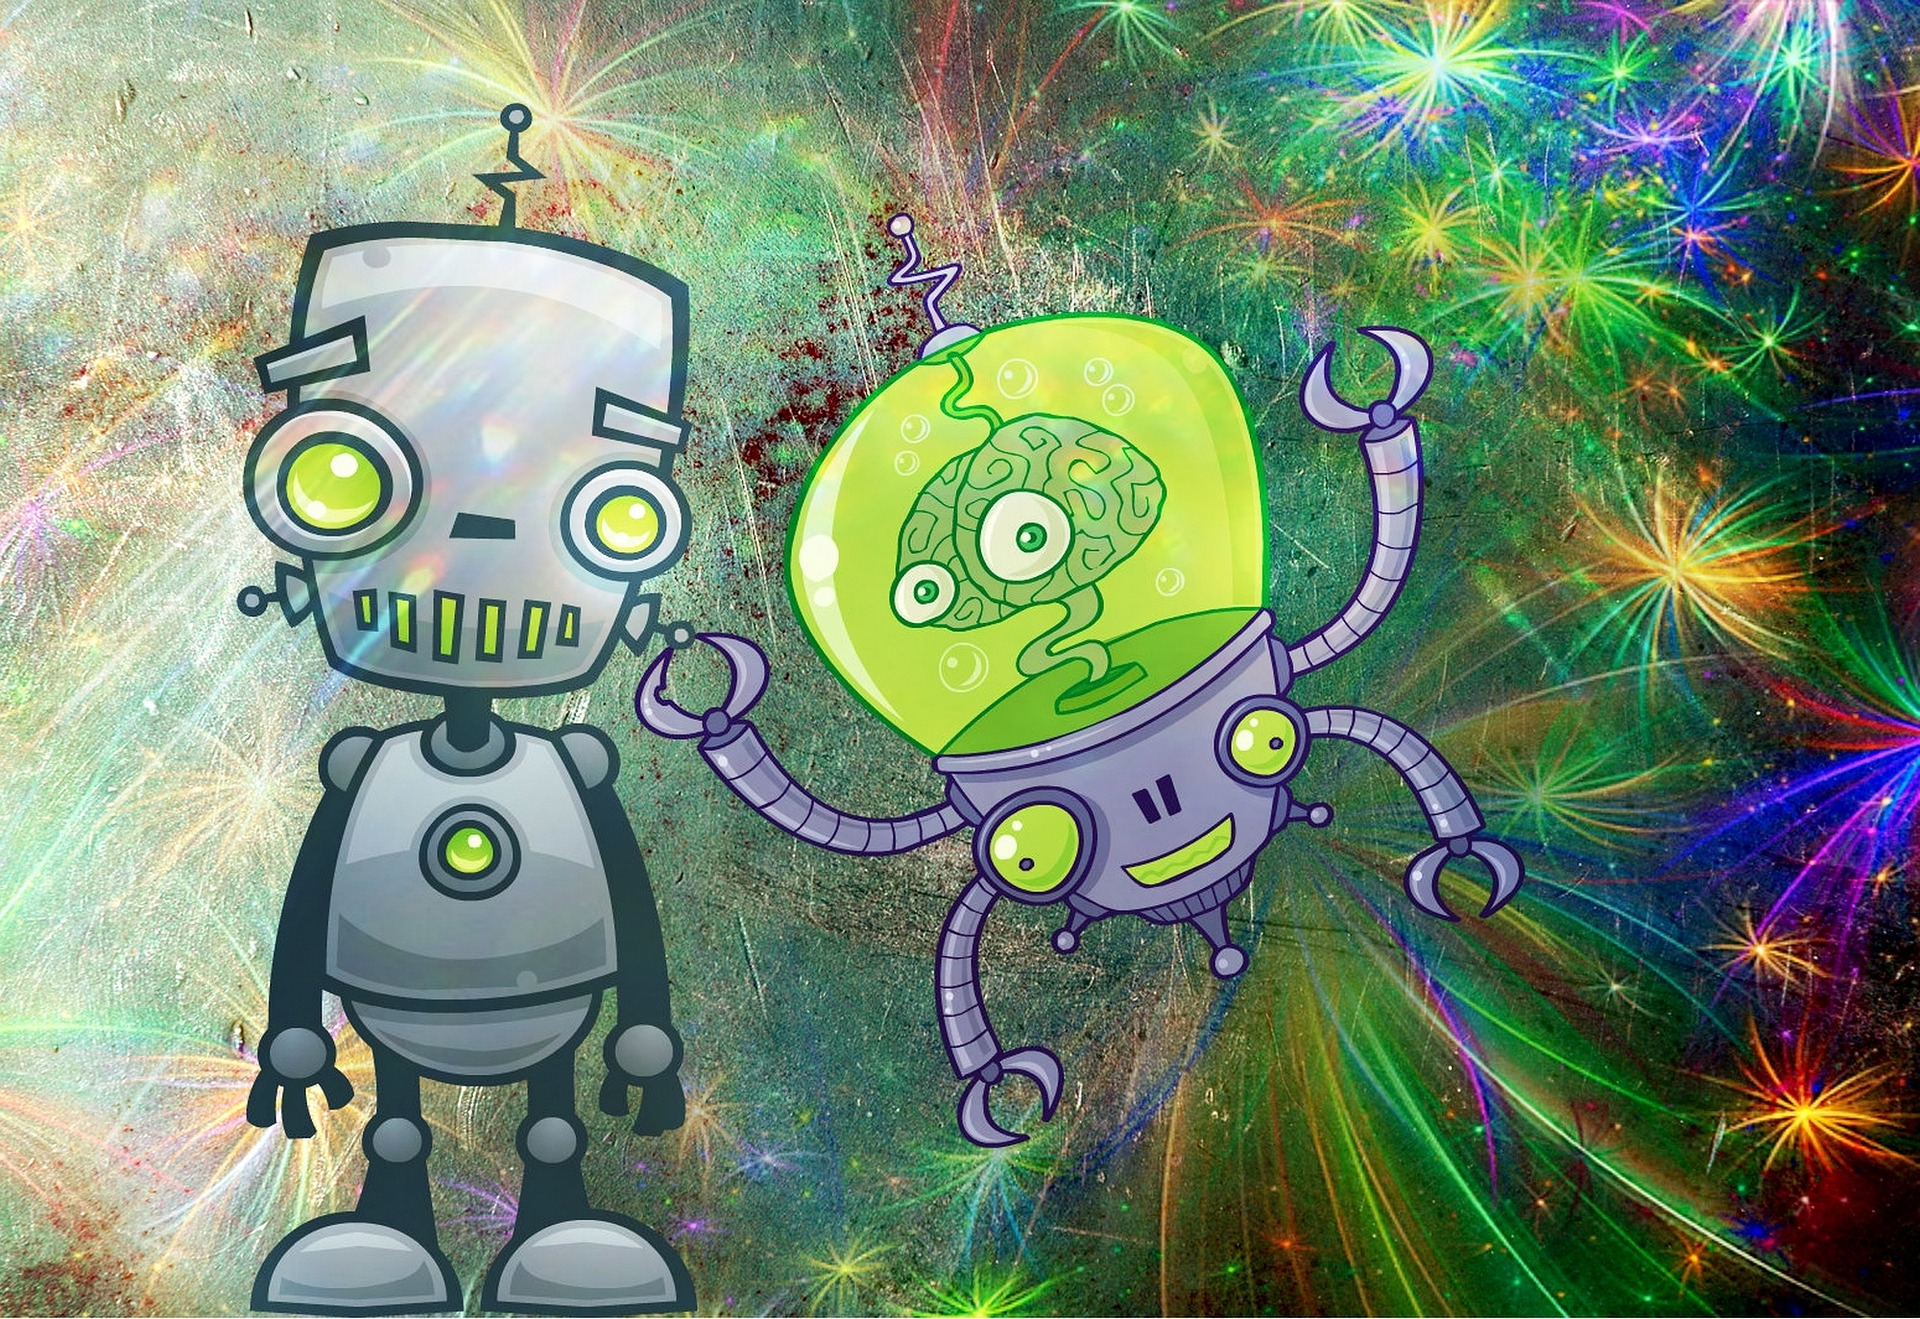 robot-art-762856